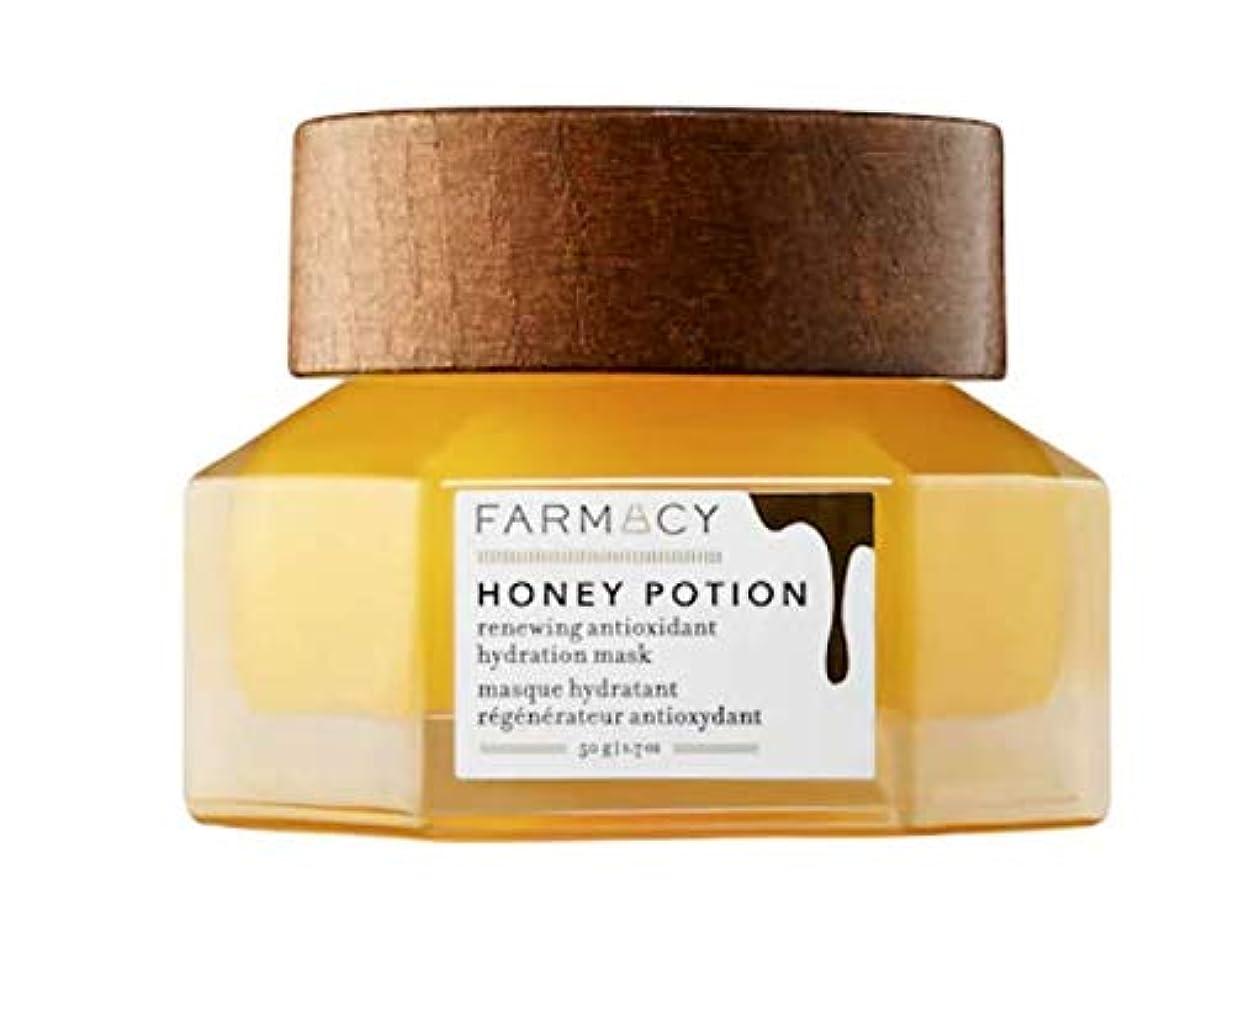 輸送アクセサリー鹿ファーマシー FARMACY ハニーポーション リニューイング アンチオキシデント ハイドレーションマスク 50g?Honey Potion Renewing Antioxidant Hydration Mask